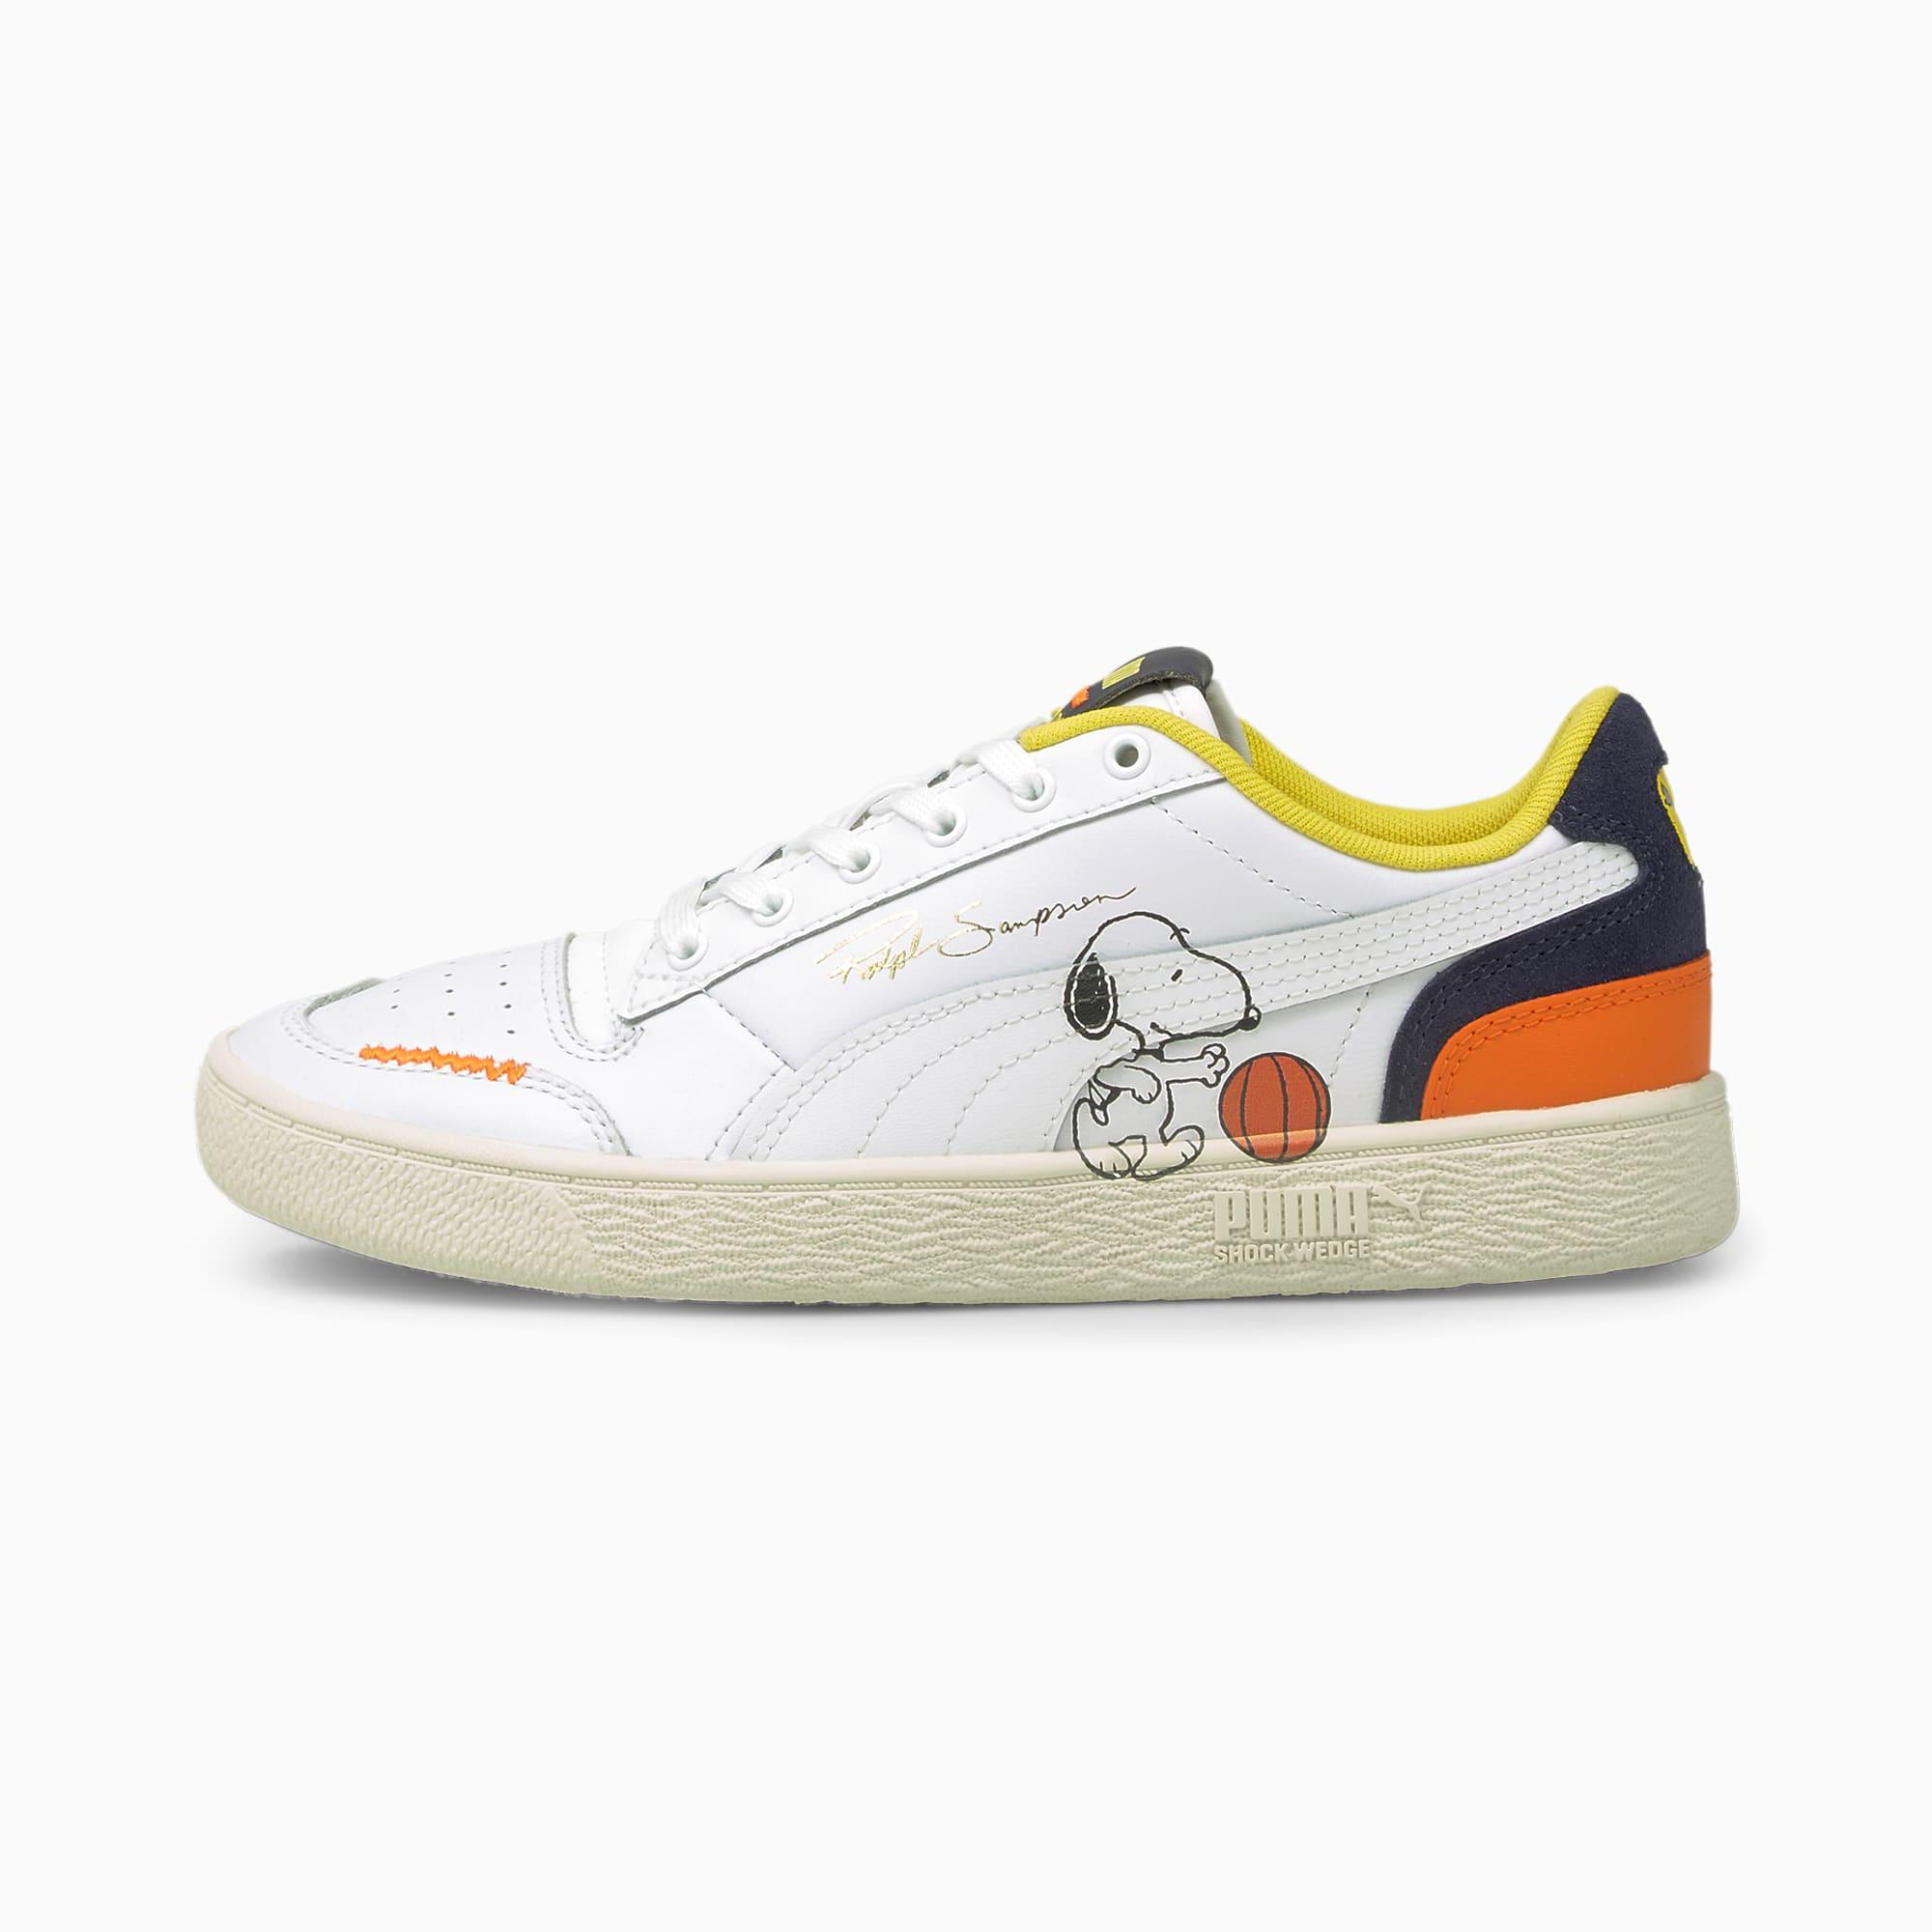 PUMA x PEANUTS Ralph Sampson Sneakers